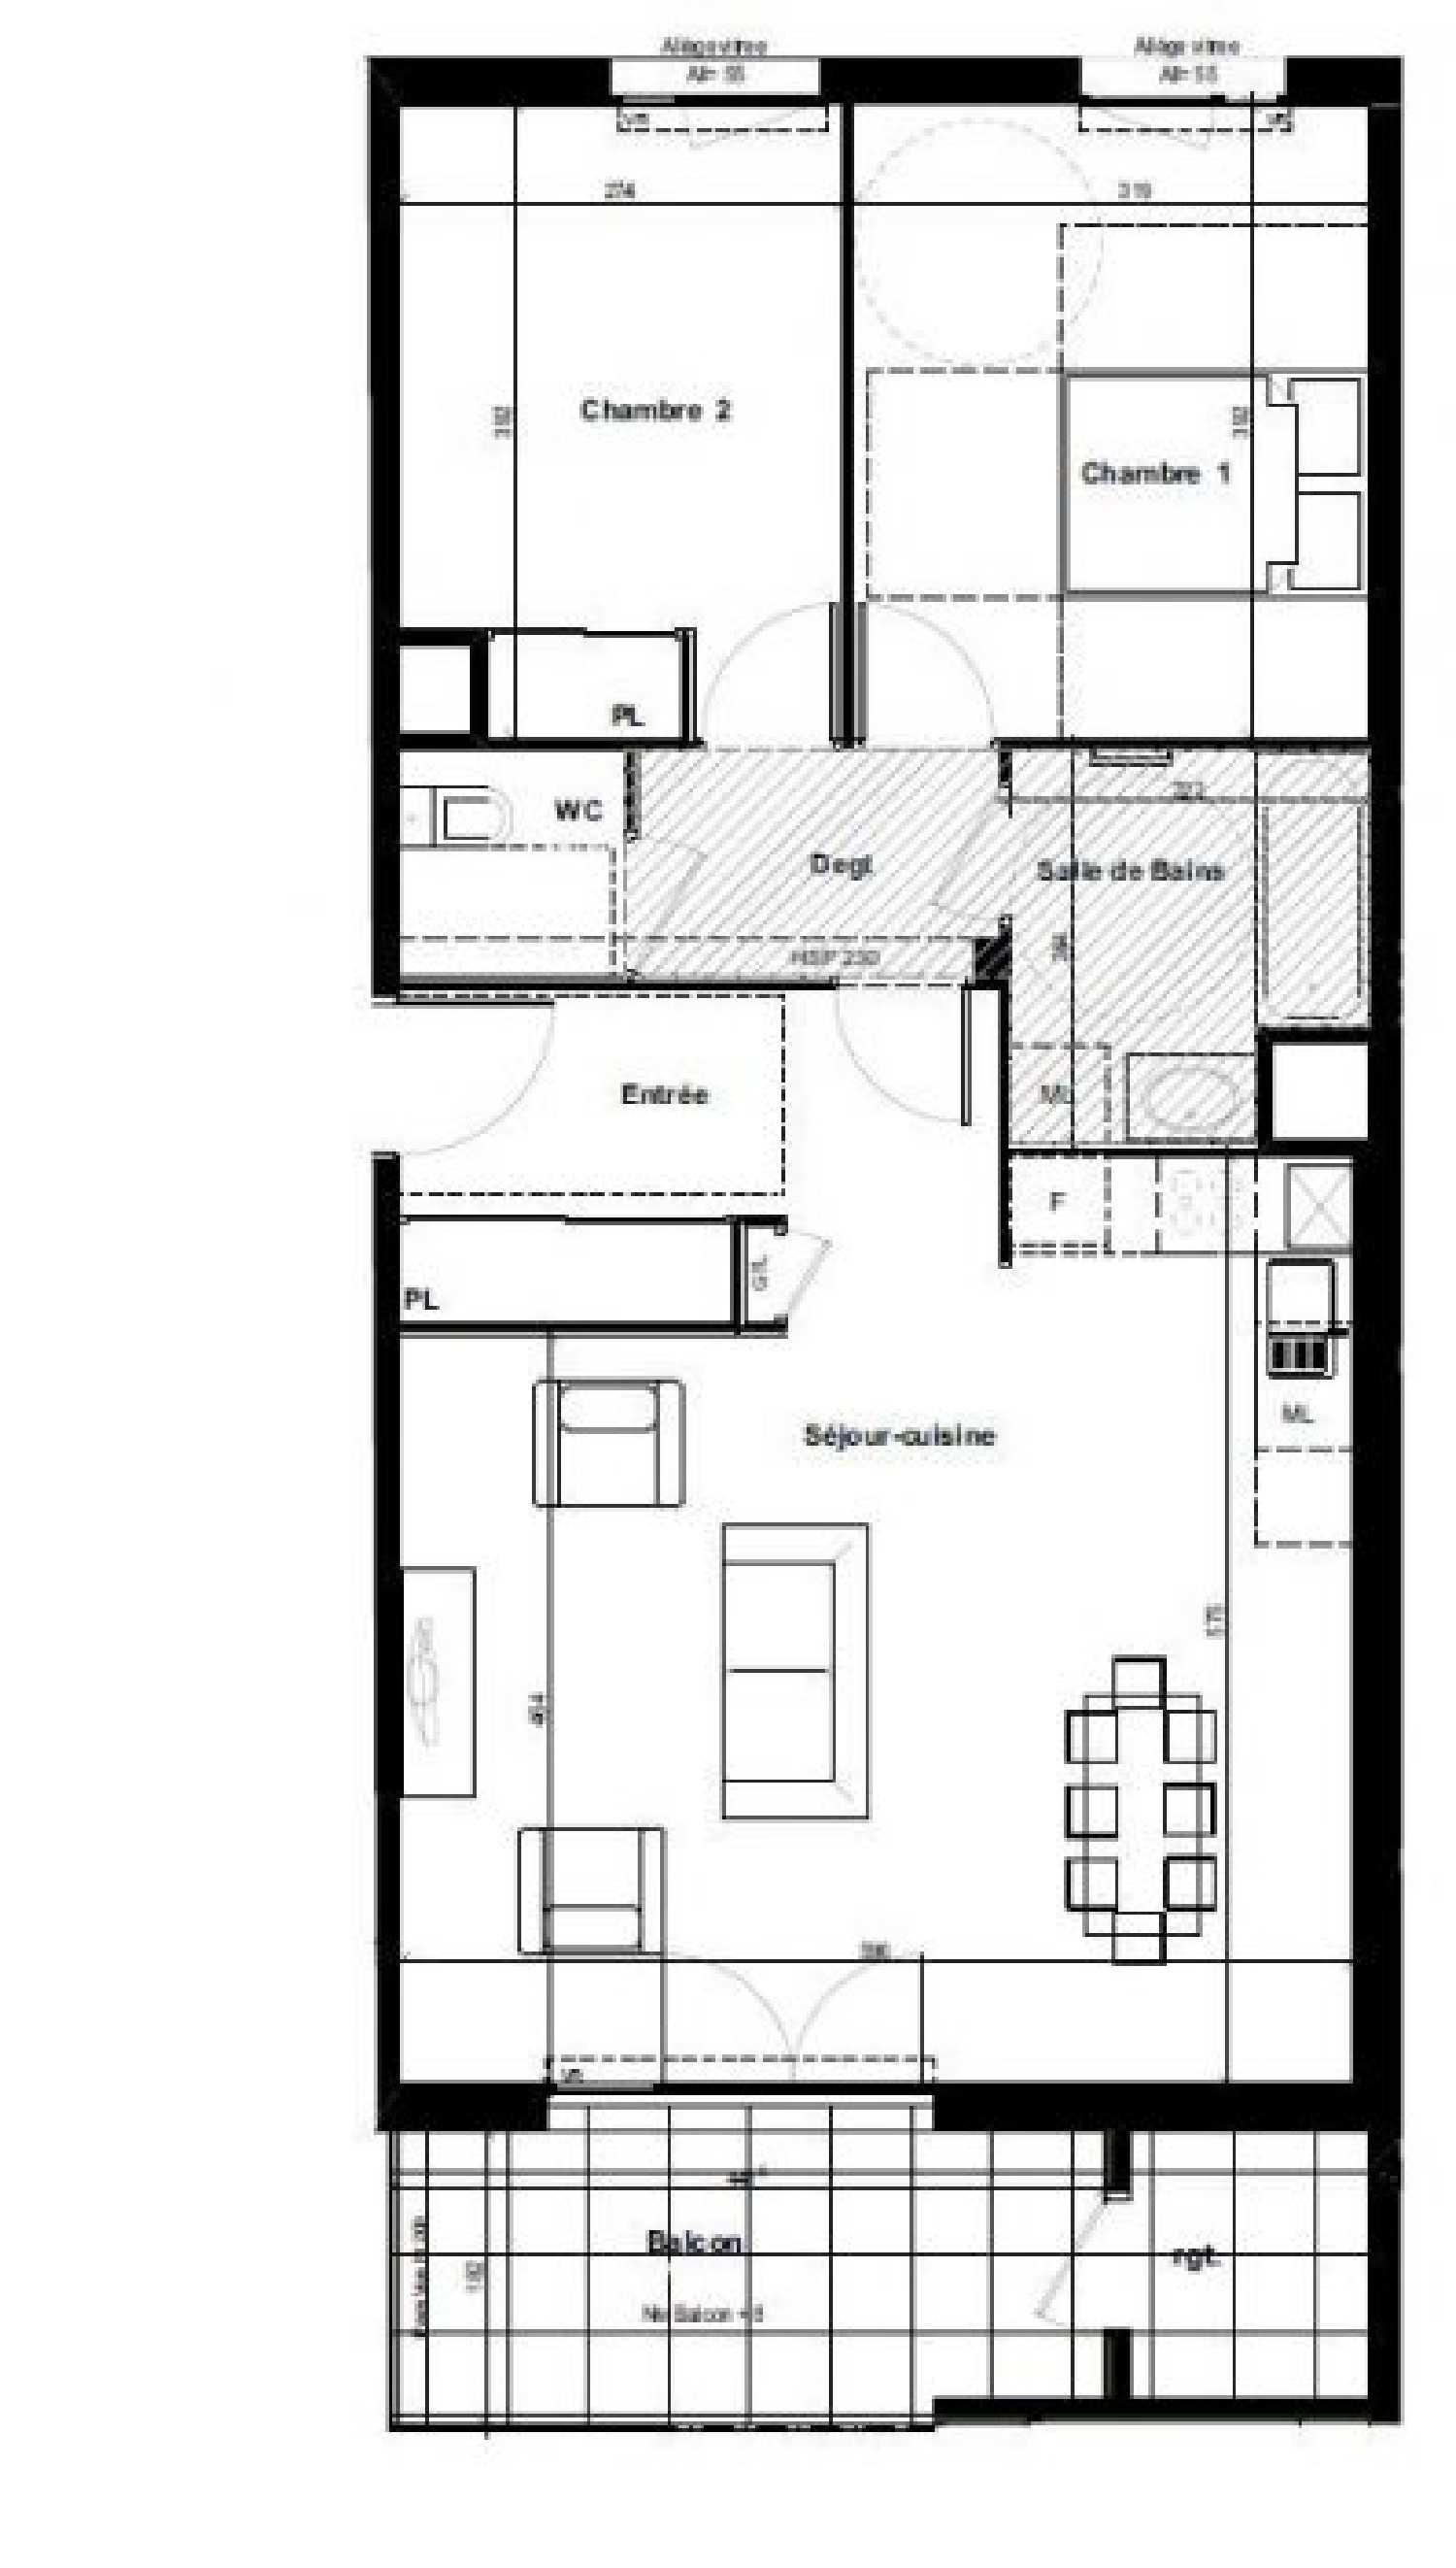 Annemasse Haute-Savoie appartement foto 4167299